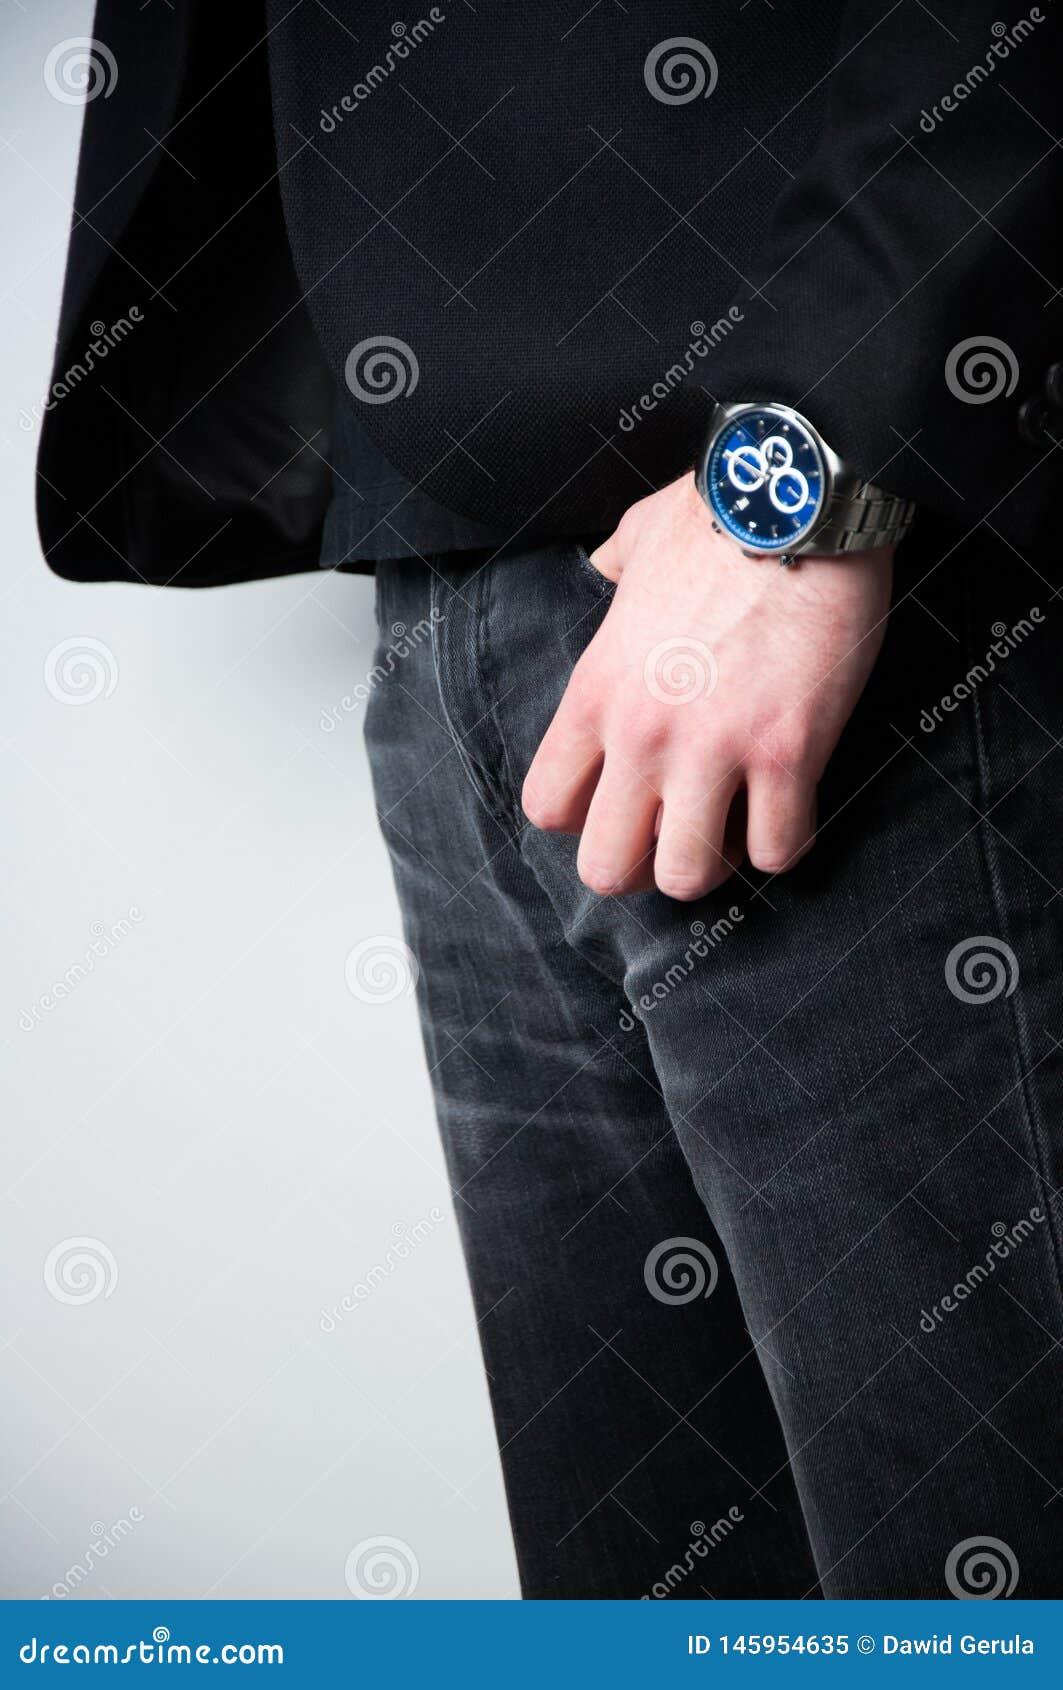 Vicecapo potato in giacca sportiva nera